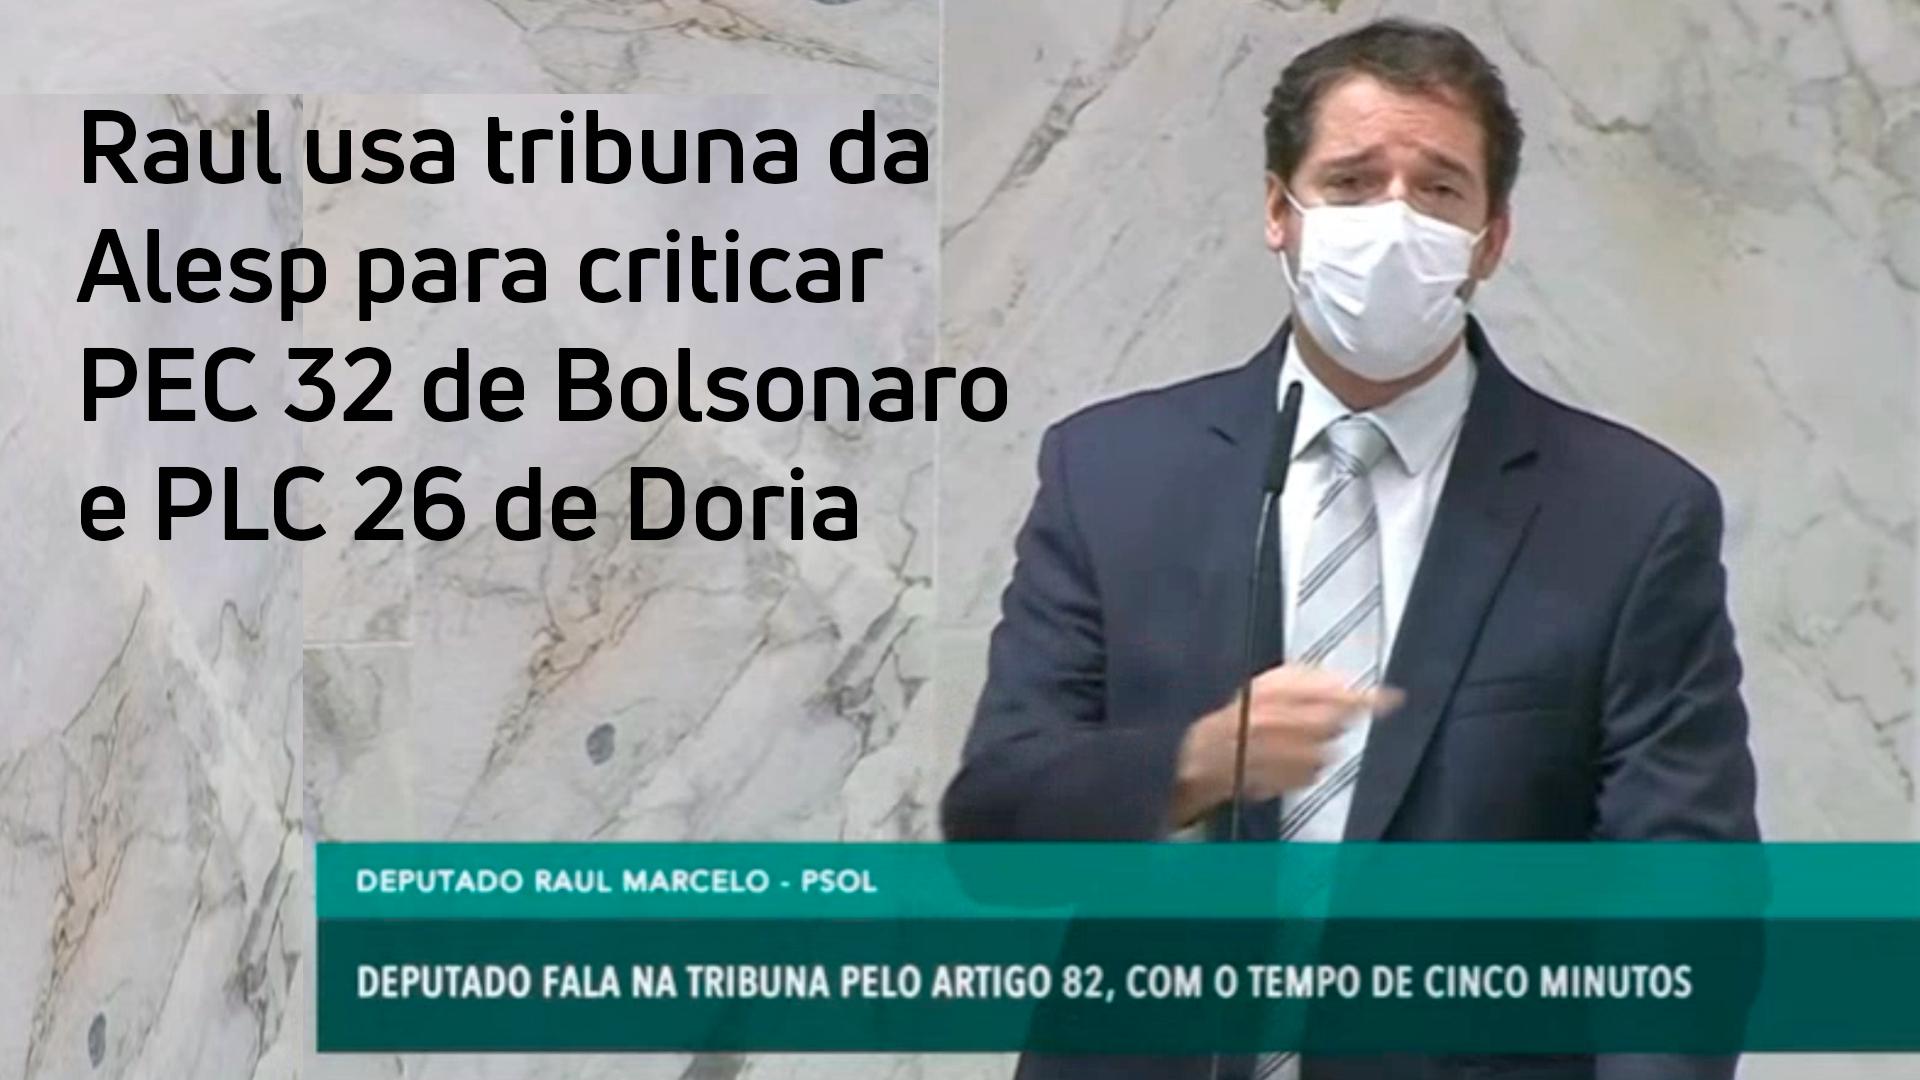 Raul usa tribuna da Alesp para criticar PEC 32 de Bolsonaro e PLC 26 de Doria